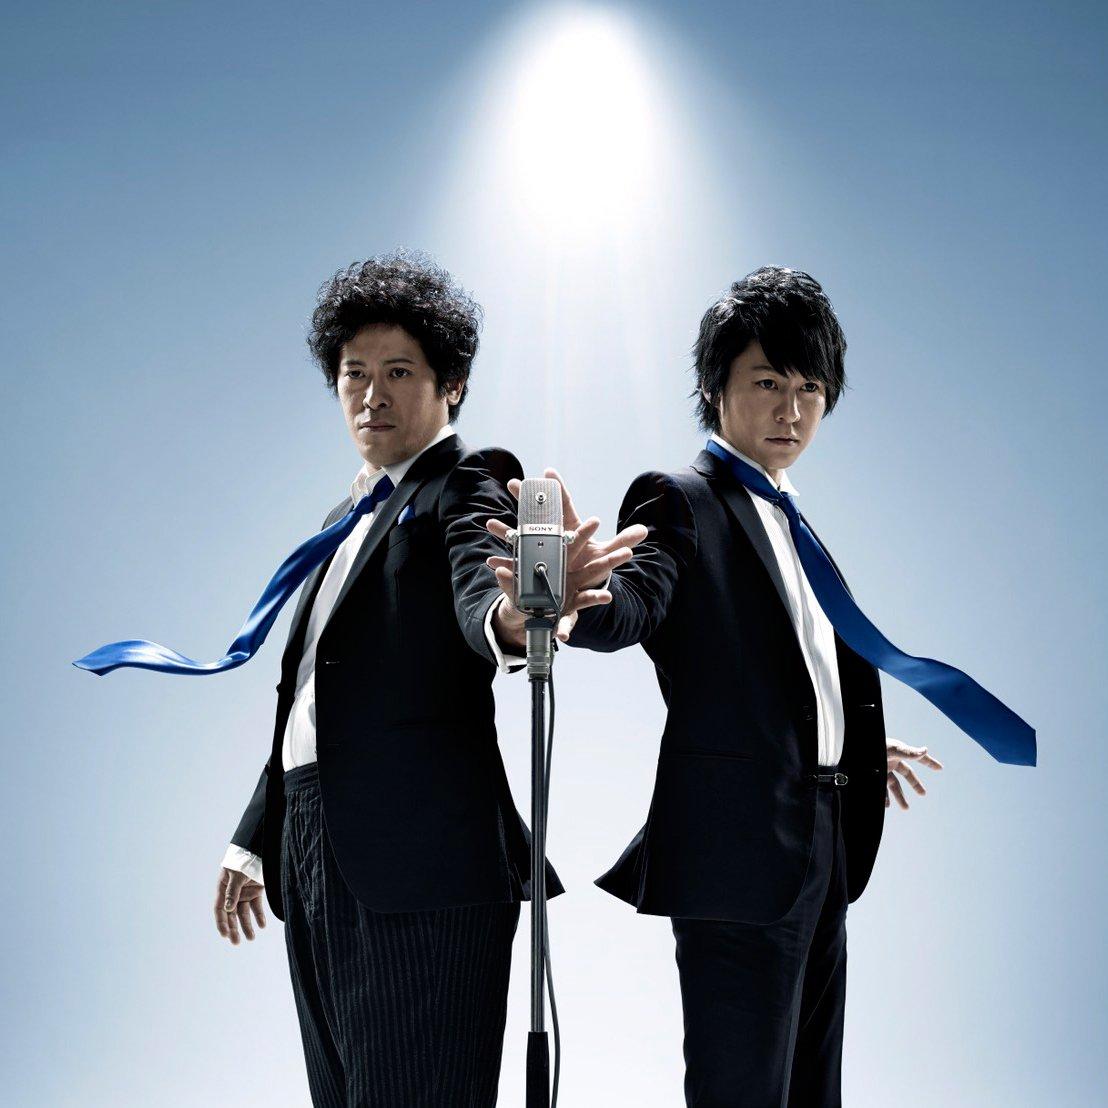 今年もやるよ! 流れ星の全国ツアー「星屑伝説」!  7/16沖縄からスタート! 神奈川、石川、長野、…